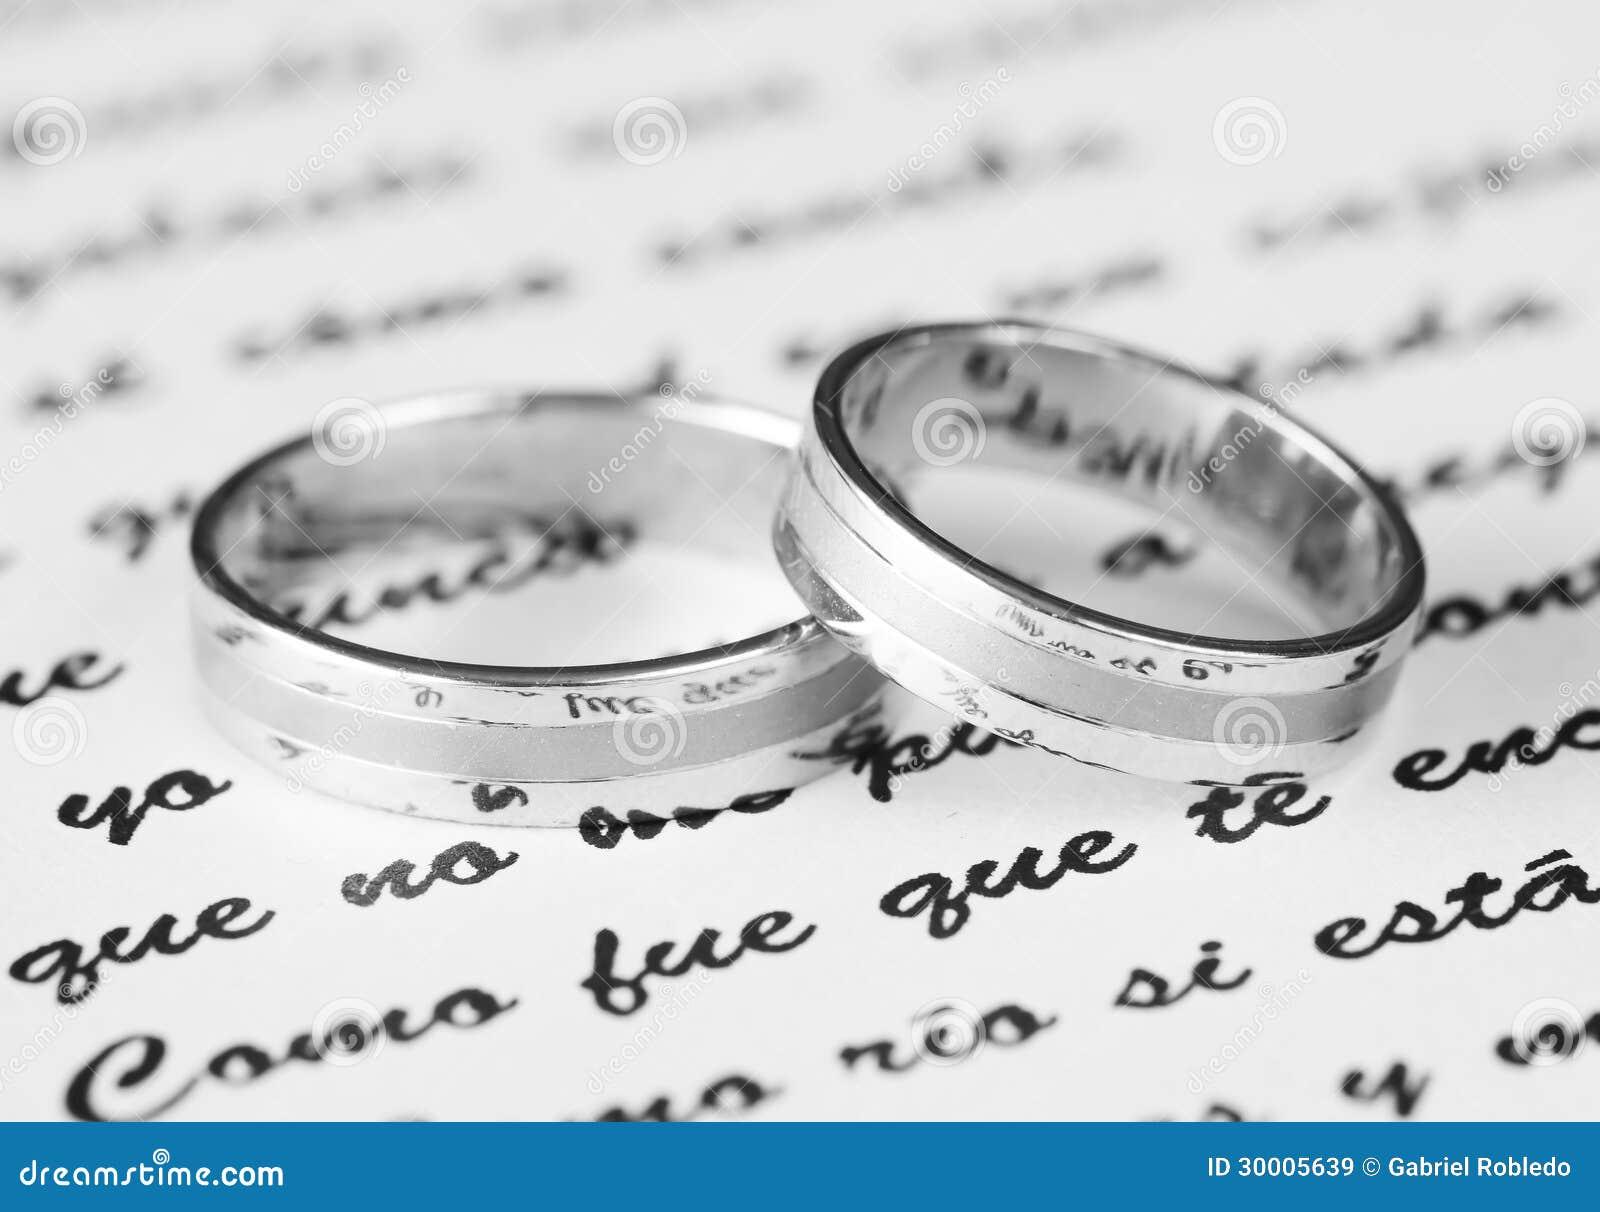 Wedding Band Engraving Sayings 27 Best Wedding ring text